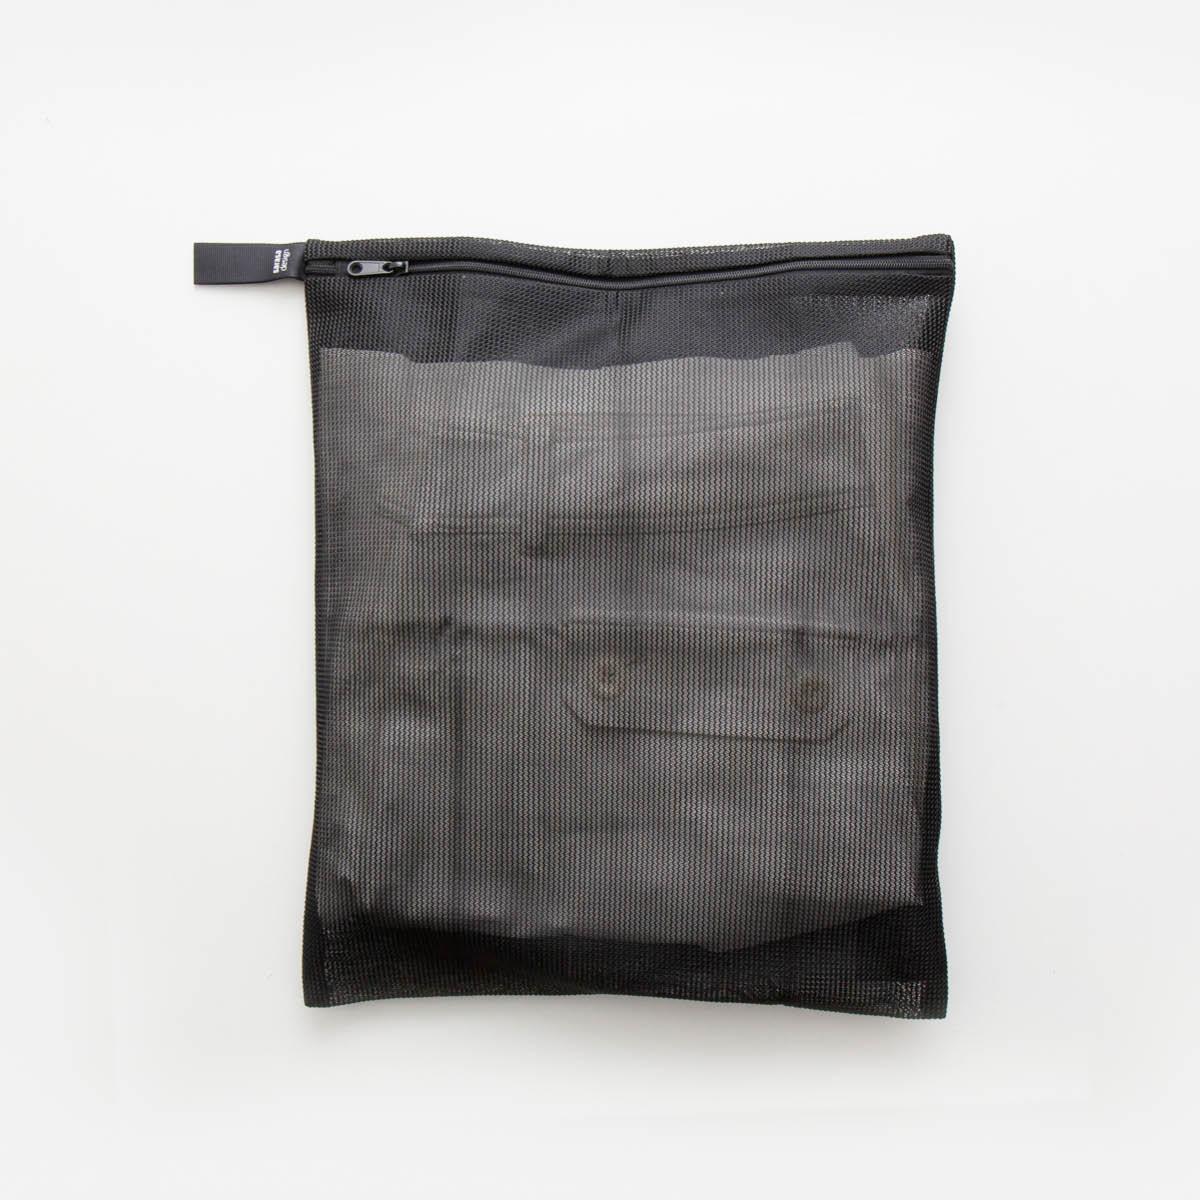 洗濯ネット おしゃれ 《メール便可》b2c ランドリーネット 日本メーカー新品 リバーシブル セール特価 フラット #SL_LA M